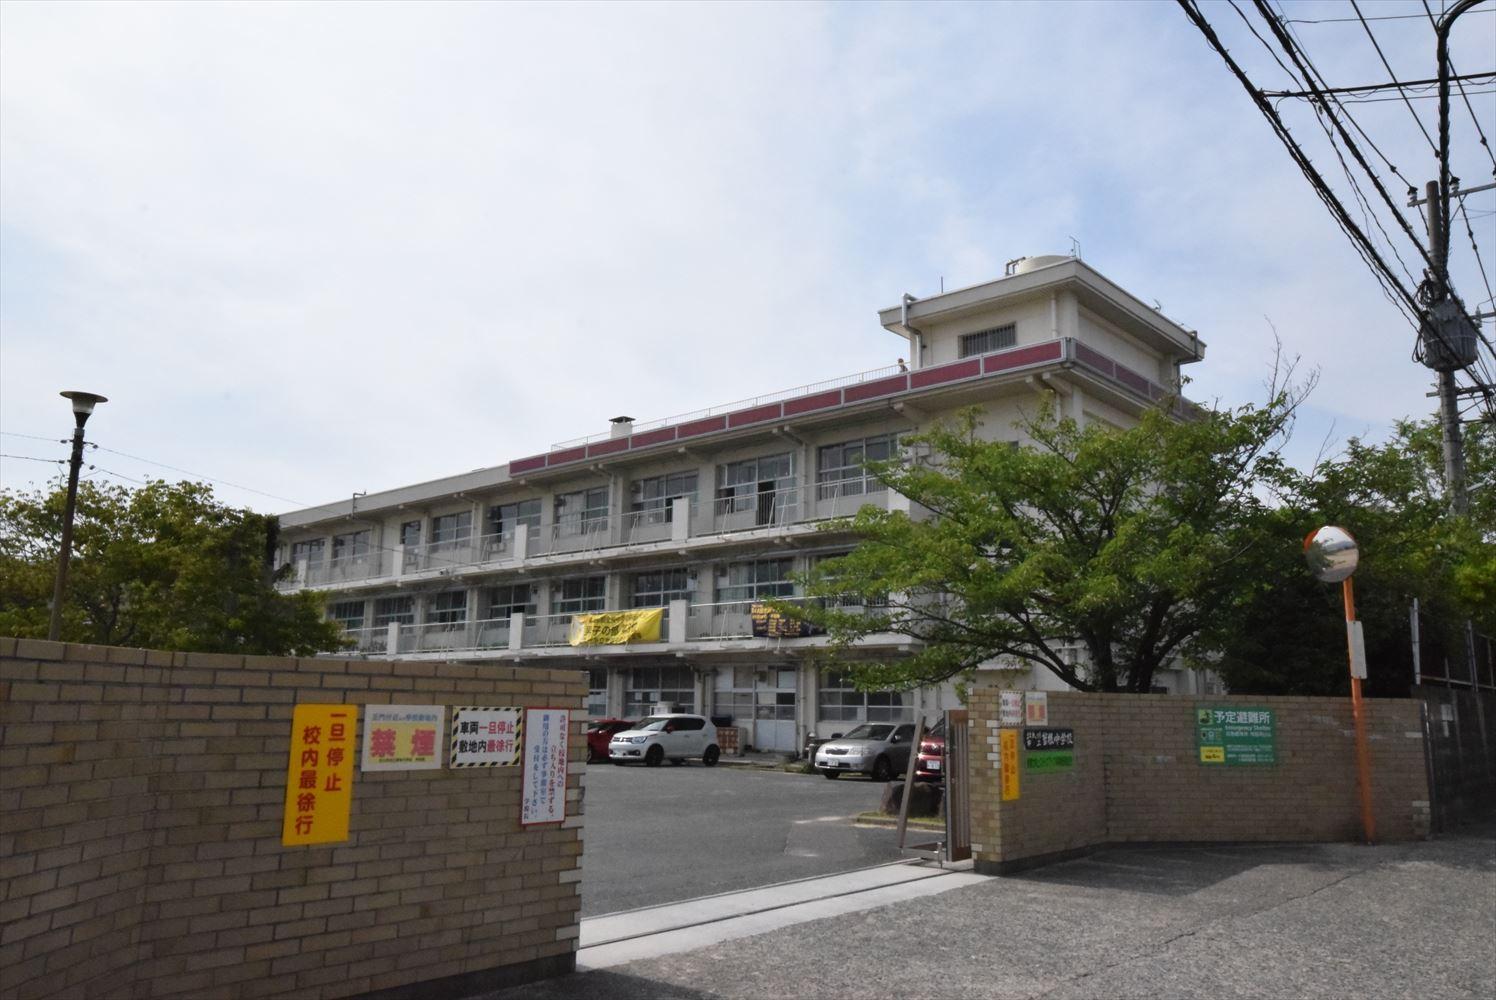 中学校:北九州市立曽根中学校 1000m